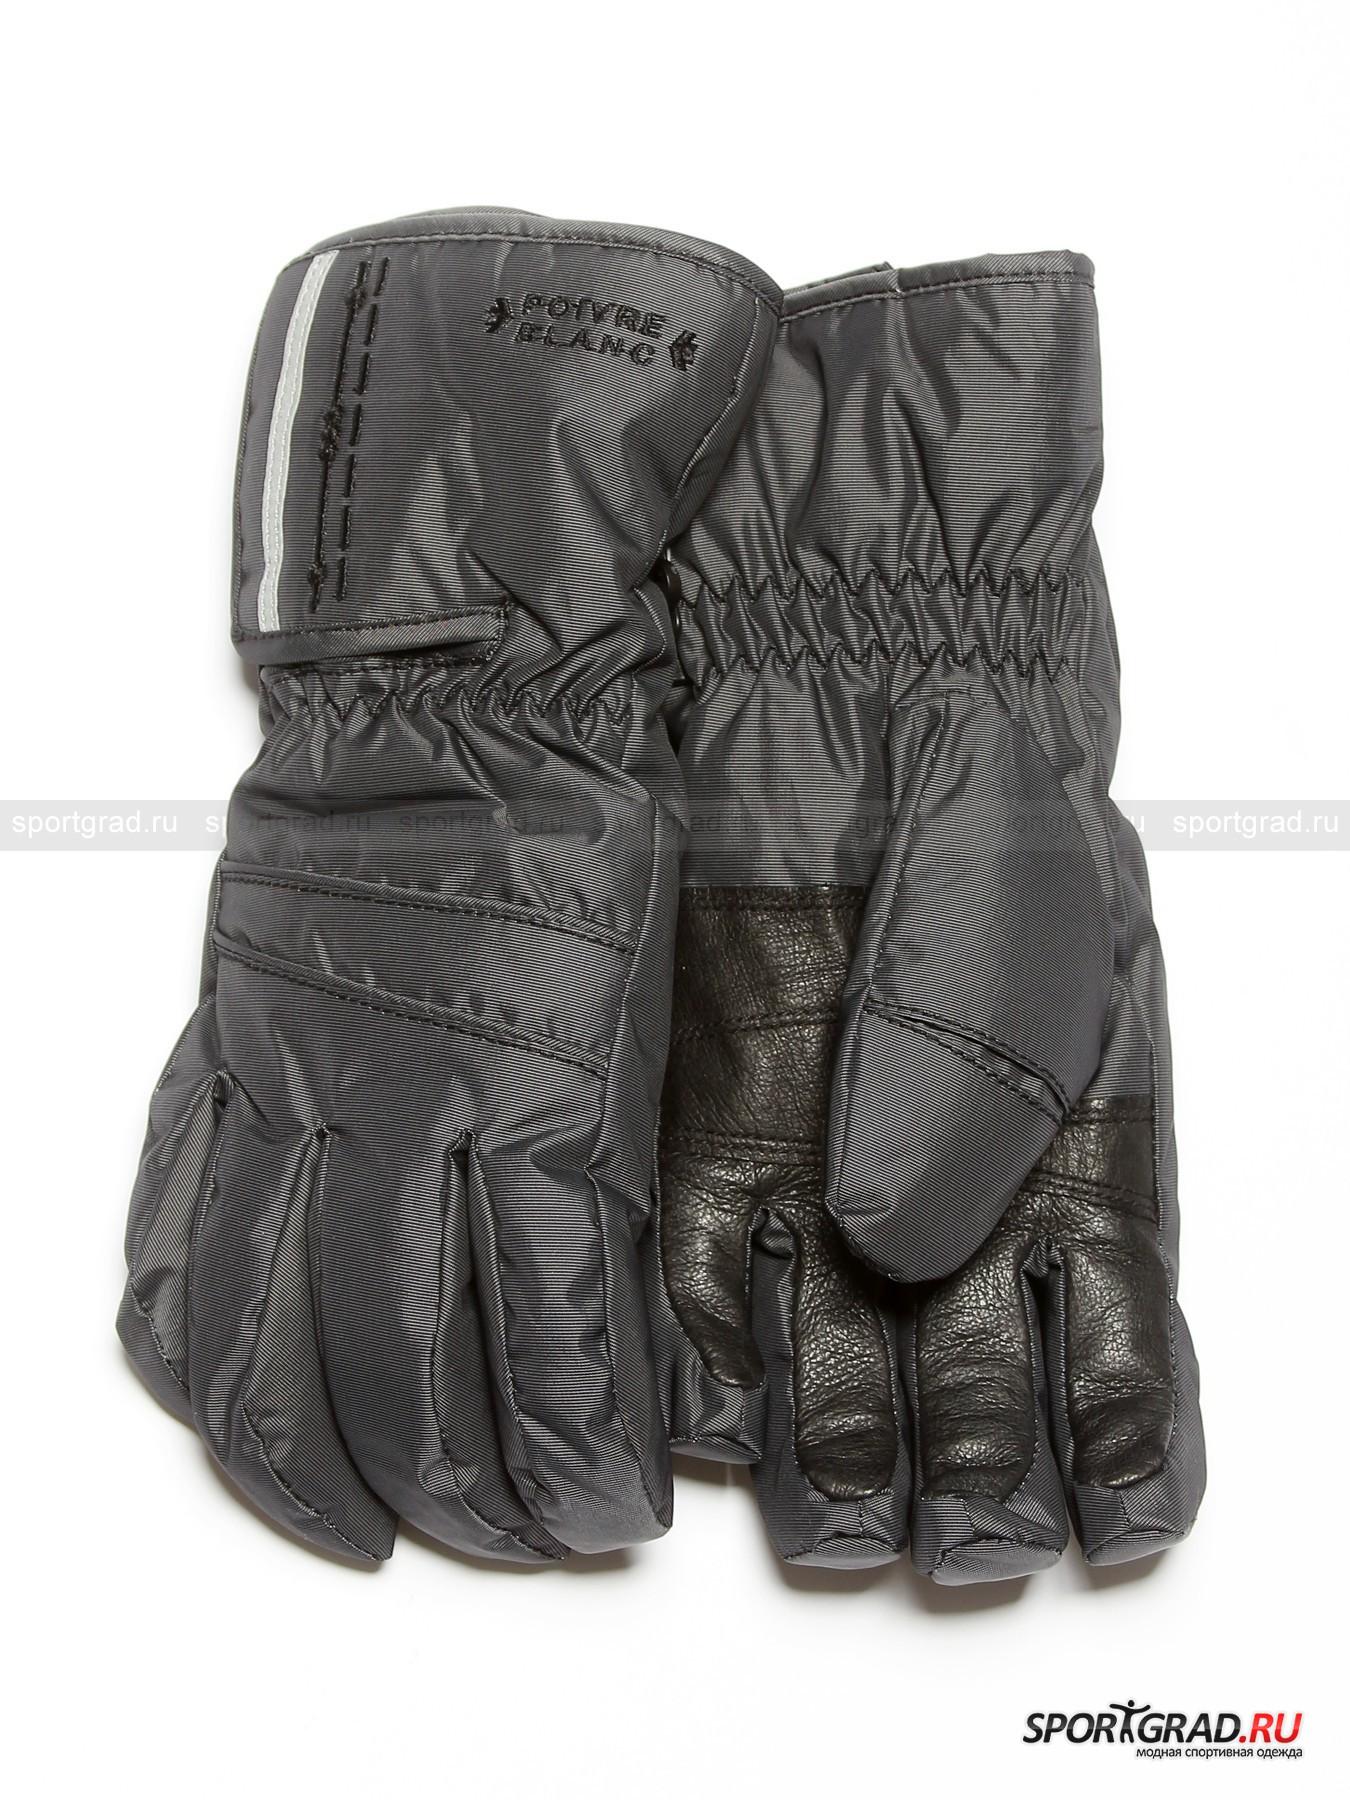 Перчатки POIVRE BLANС Wexit-WOПерчатки, Варежки,Шарфы<br>Отличные горнолыжные перчатки отлично подойдут тем, кто хочет получить максимум по хорошей цене! При создании этих перчаток использовалась инновационная технология Hipora Glove. Эта технология представляет из себя отдельную перчатку, которая находится между подкладкой и верхним слоем, выполняя функции мембраны. Материал верха - SPECTM Temperate, препятствующий намоканию, непродуваемый и лёгкий. Отличная модель по скромной цене!<br><br>Пол: Женский<br>Возраст: Взрослый<br>Тип: Перчатки, Варежки,Шарфы<br>Рекомендации по уходу: Не стирать, не гладить, не сушить в барабане стиральной машины, не отбеливать химчистка запрещена.<br>Состав: 100% нейлон и натуральная кожа